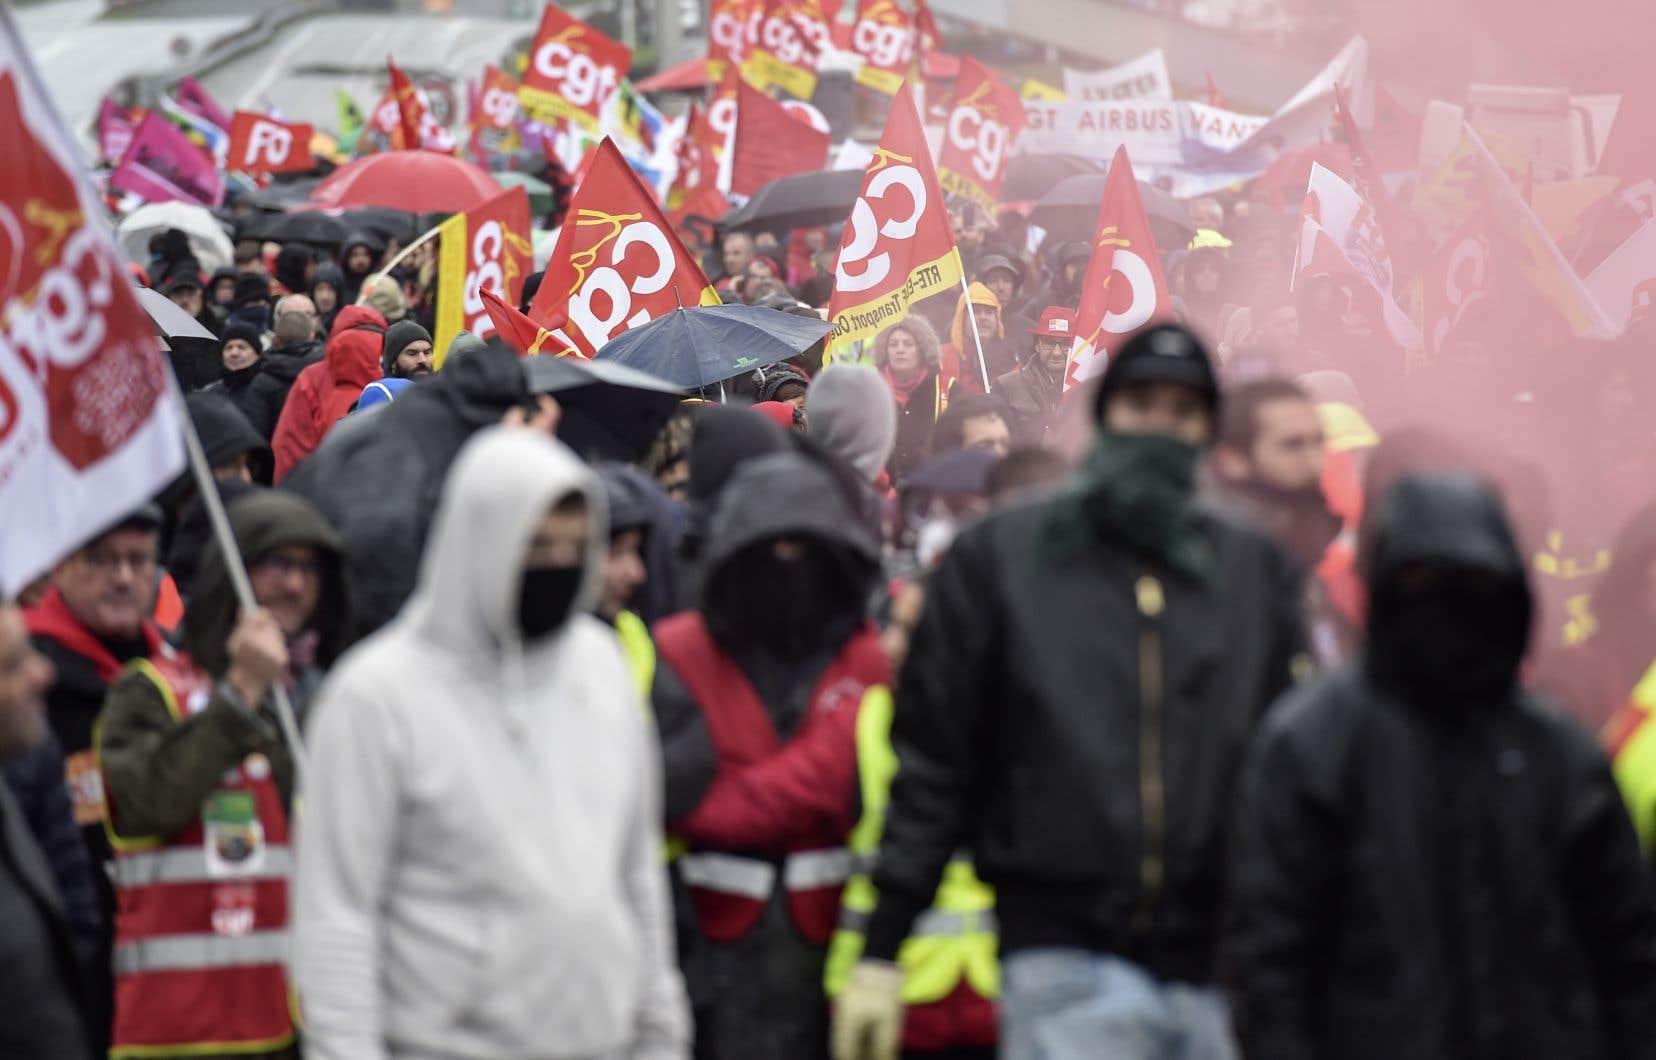 Des manifestations ont été organisées partout en France, réunissant plusieurs dizaines de milliers de personnes.